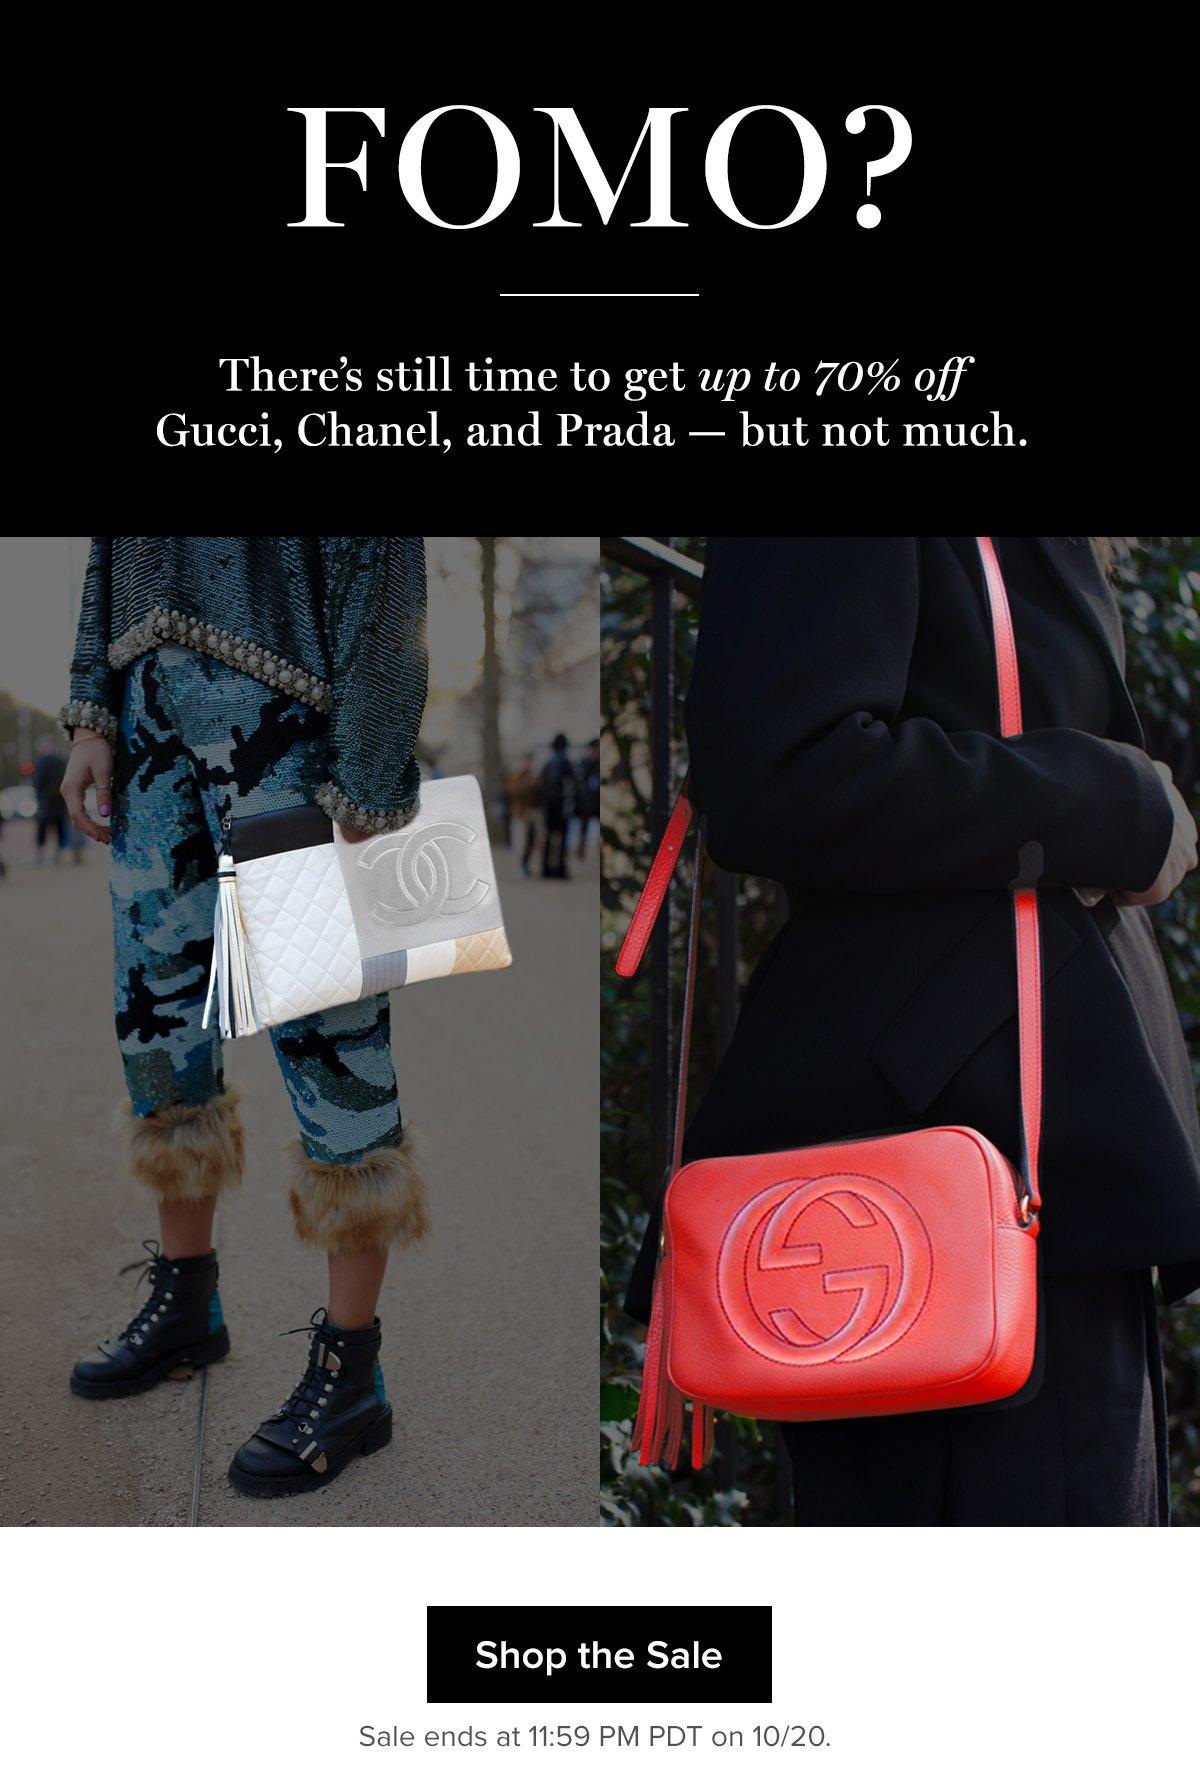 ae1ee7e3a7a4 Tradesy  Last Call  Chanel x Gucci x Prada Sale